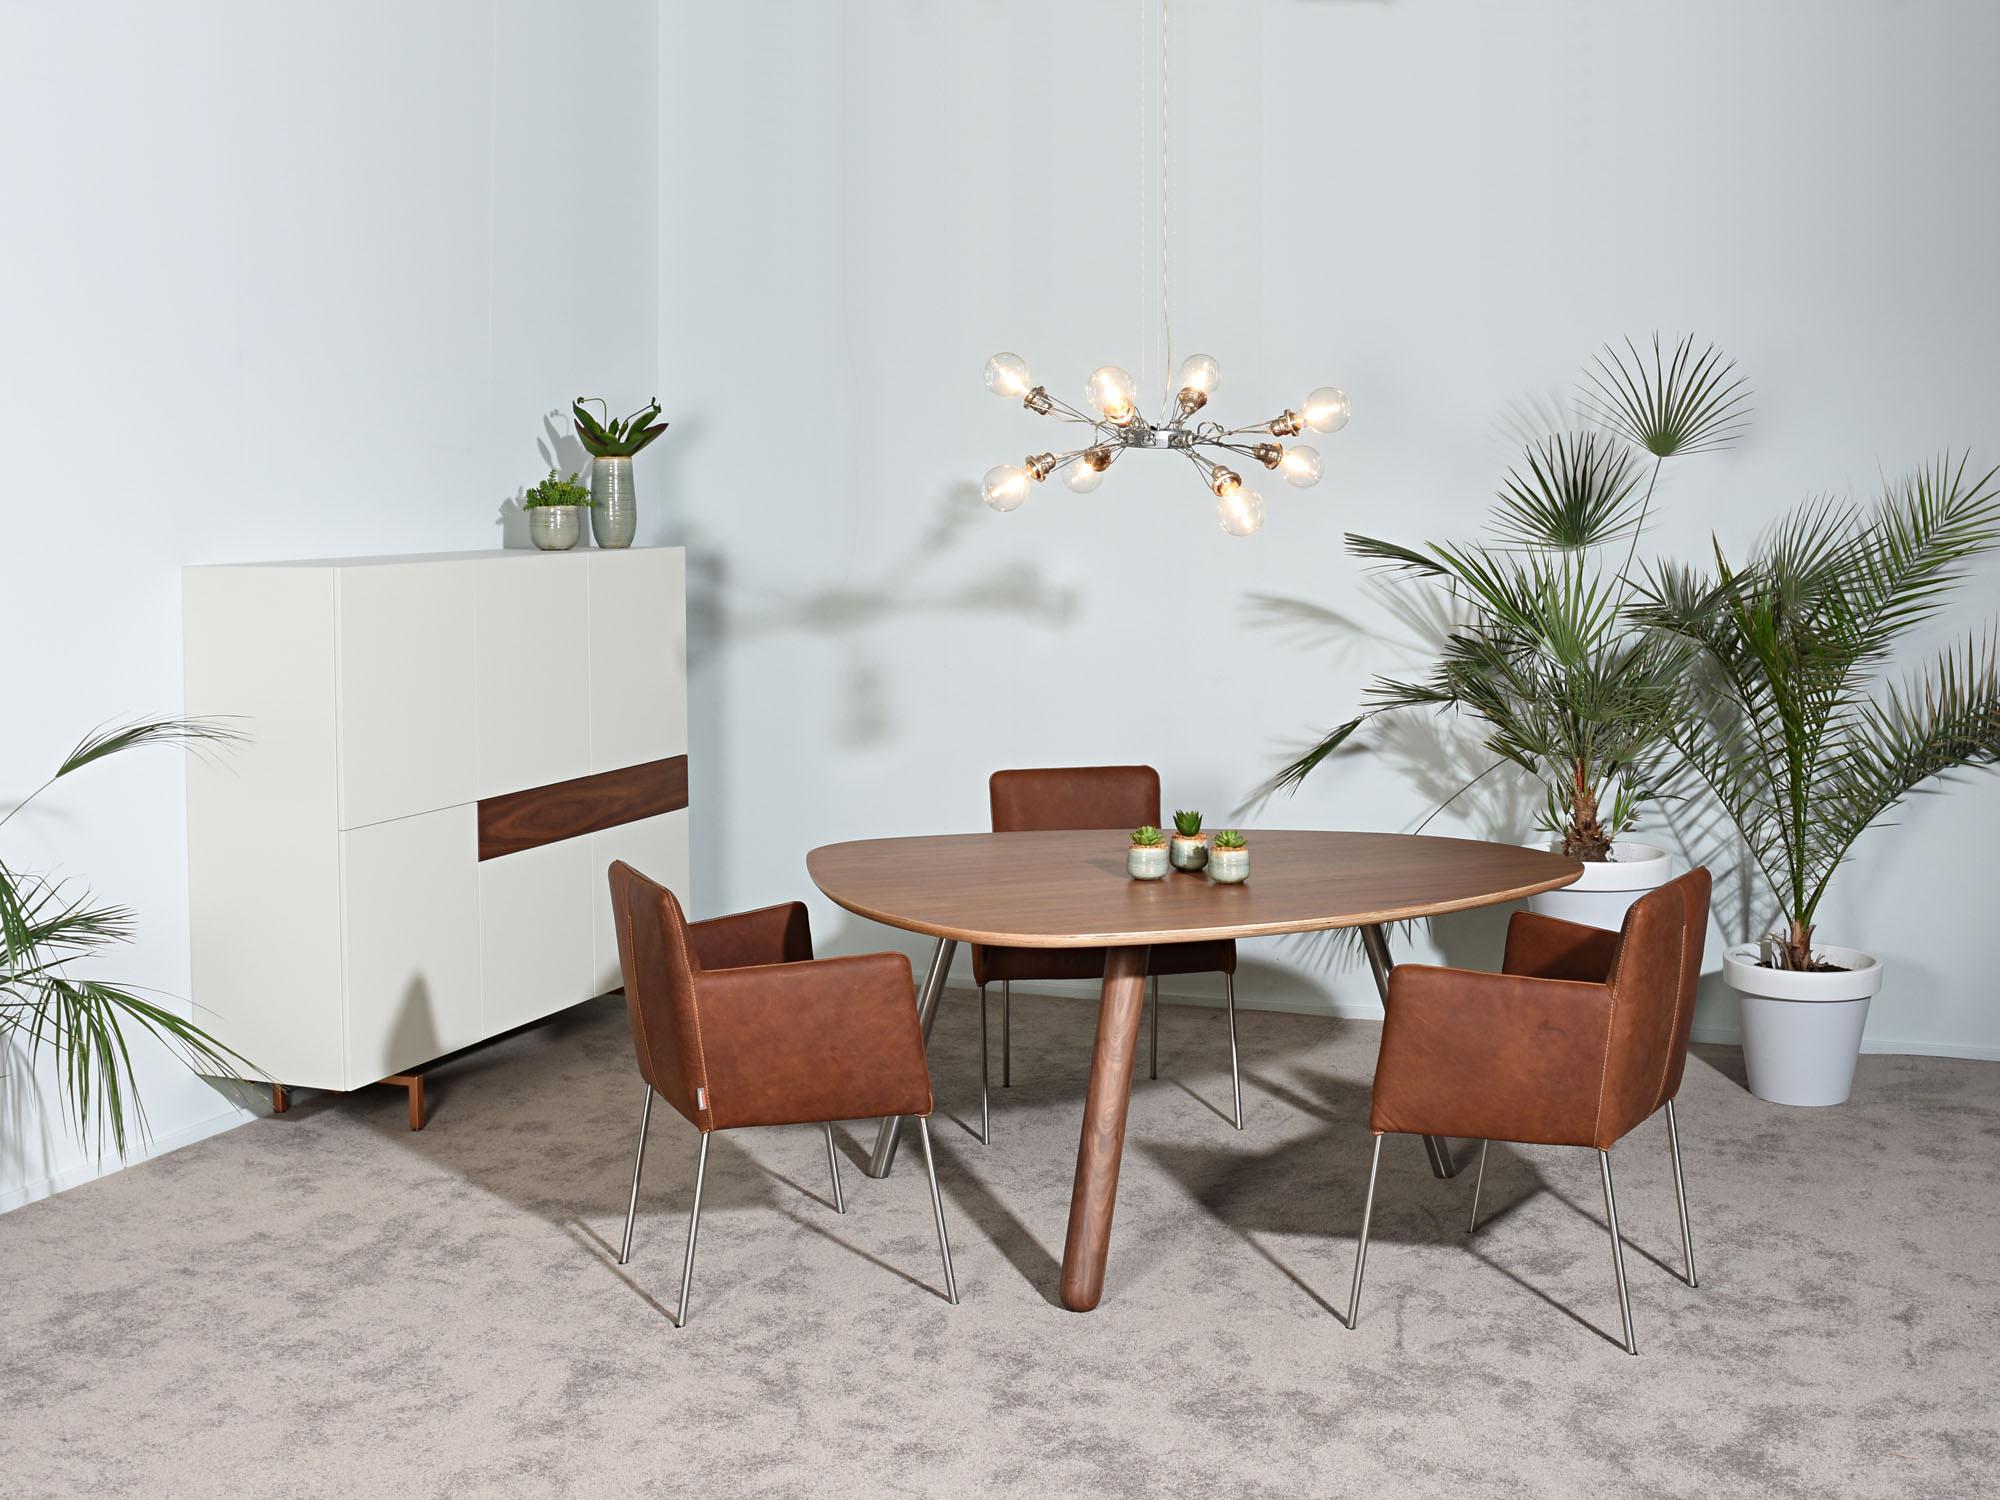 CIRCLIPS-1 tafel en SOLO-kast, ontwerp door Dick Spierenburg, Karel Boonzaaijer en Castelijn Team